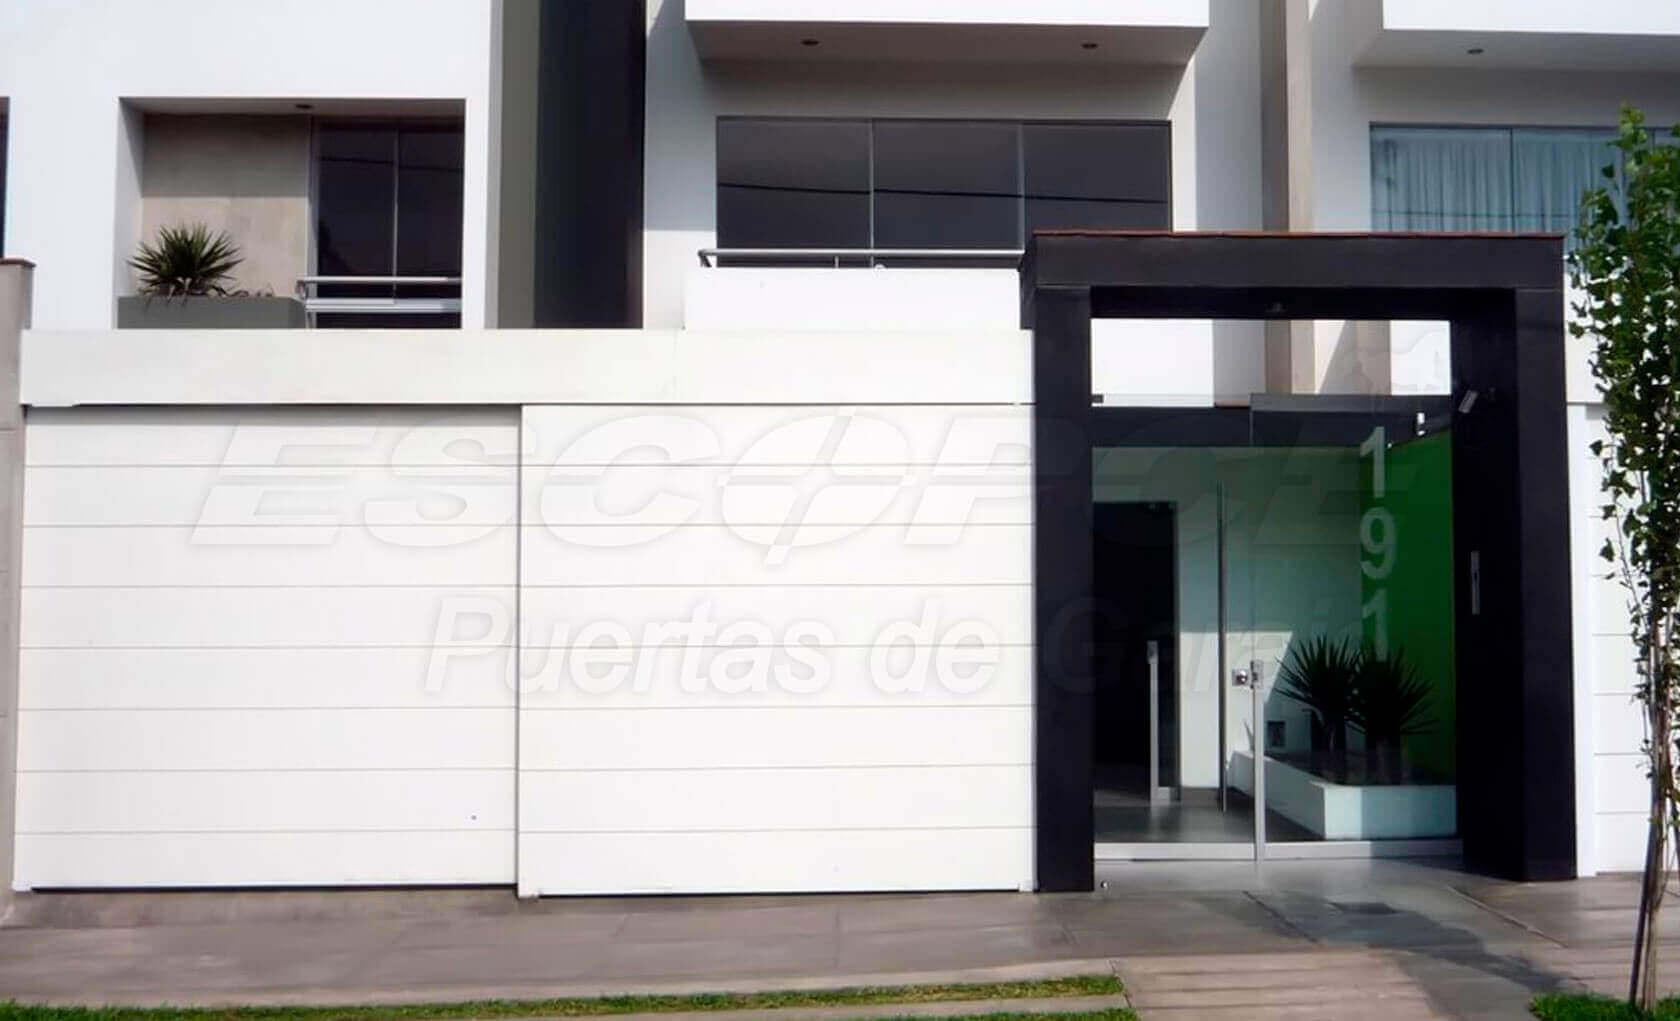 Puertas corredizas puertas correderas puertas - Correderas para puertas corredizas ...